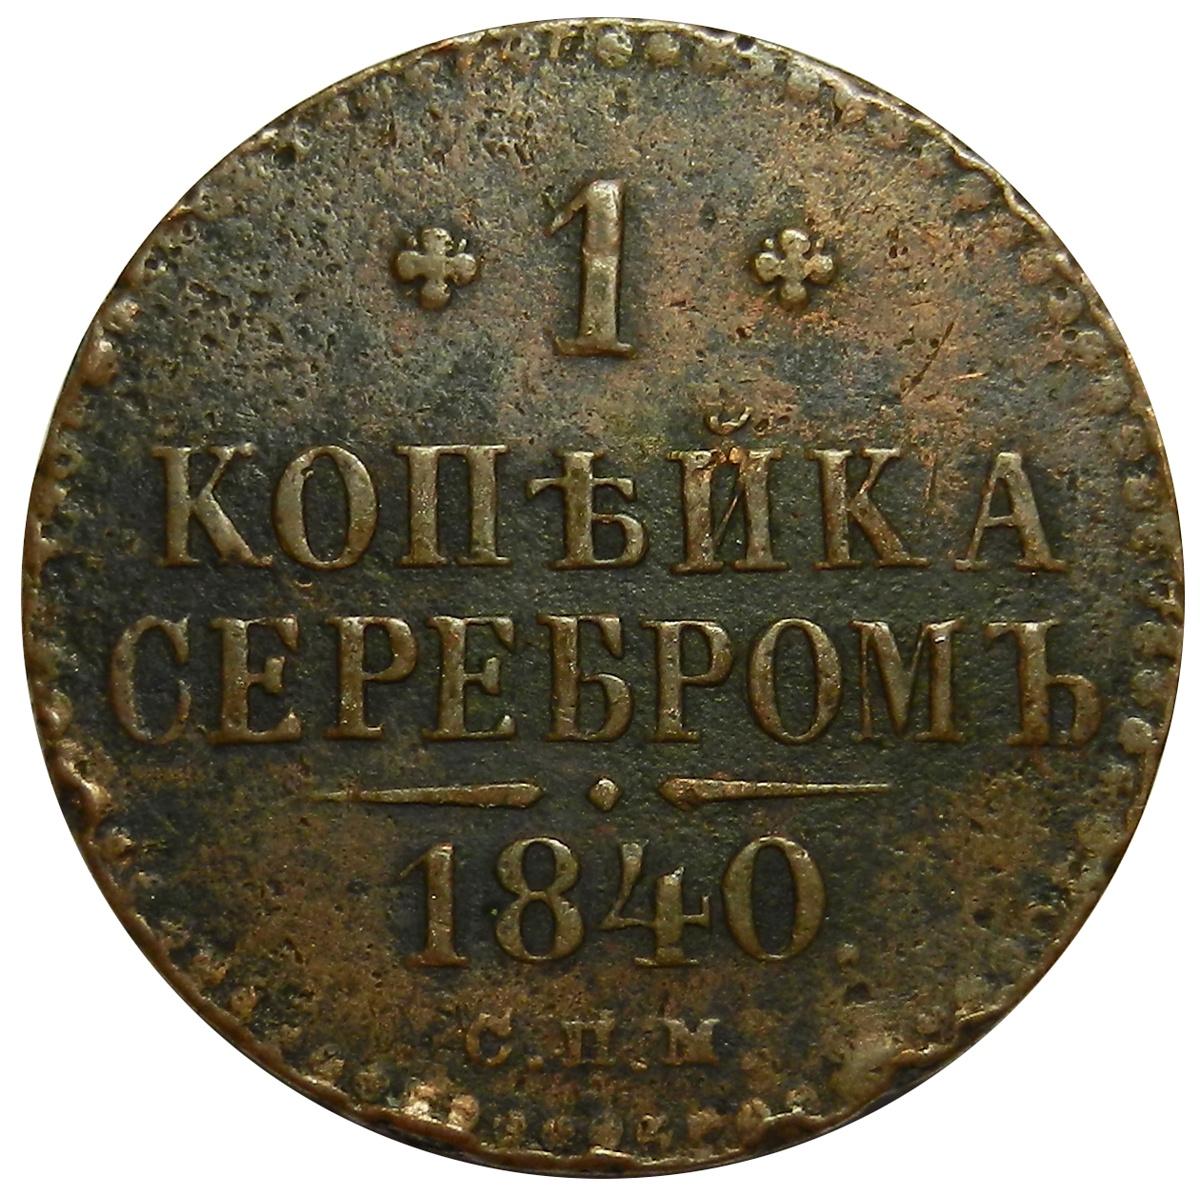 Монета 1 копейка серебром. Медь. Российская Империя, 1840 год (СПМ) XF+ монета 1 копейка серебром медь российская империя 1840 год спм xf